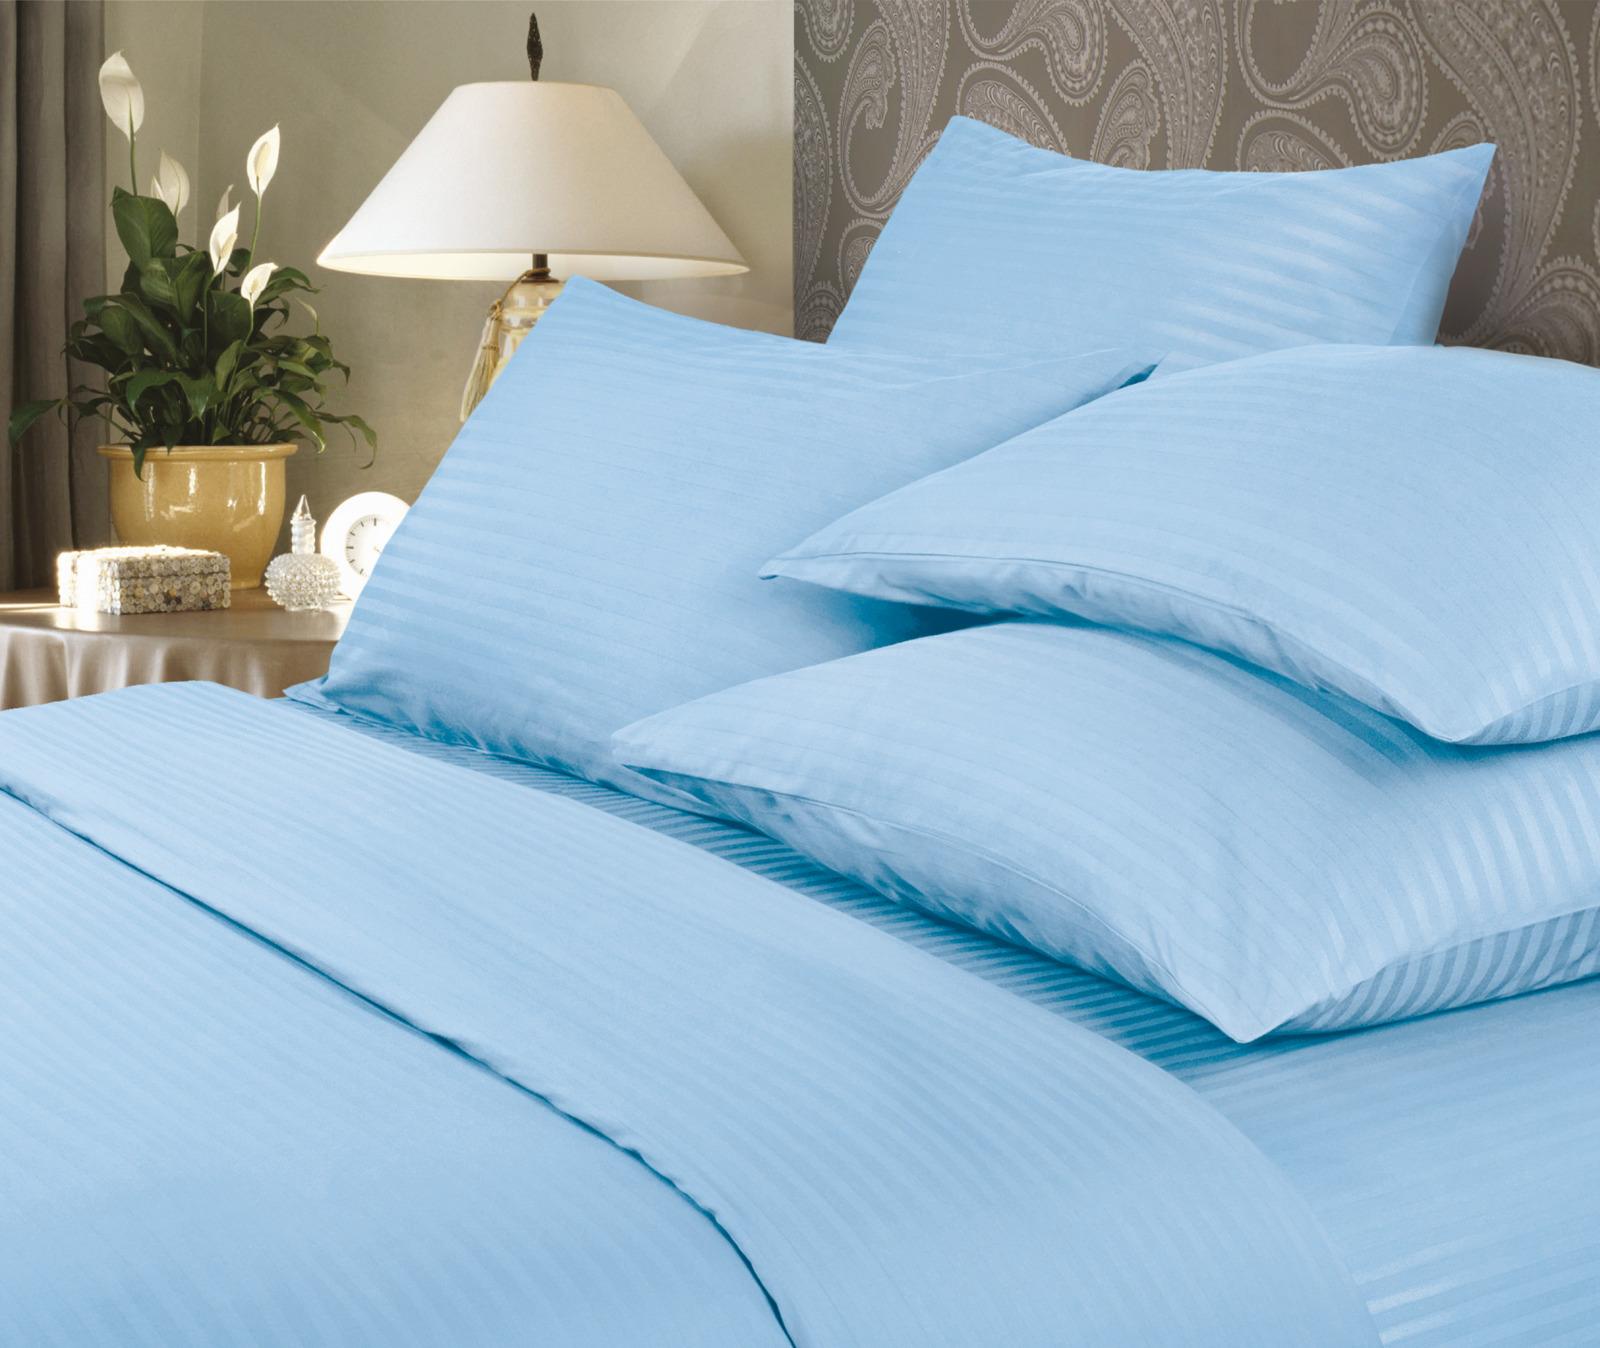 Фото - Комплект белья Verossa Sky, 2-спальный, наволочки 50x70. 718992 комплект белья verossa violet 1 5 спальный наволочки 50x70